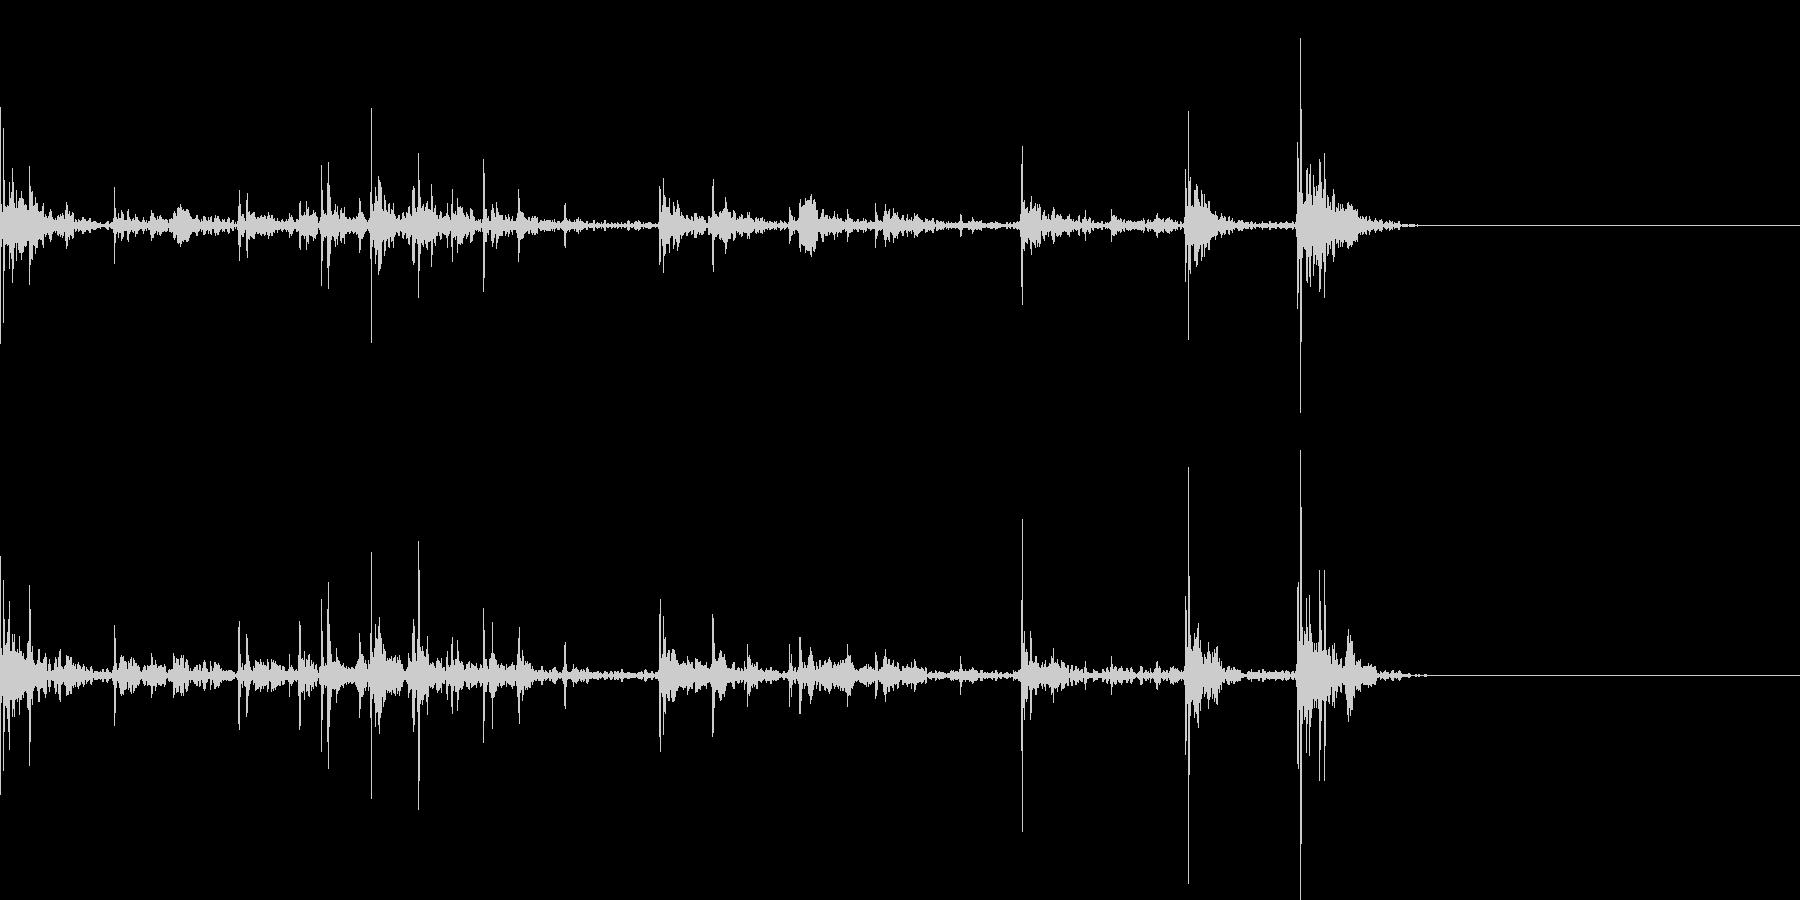 キーボードをタイピングするリアル効果音4の未再生の波形